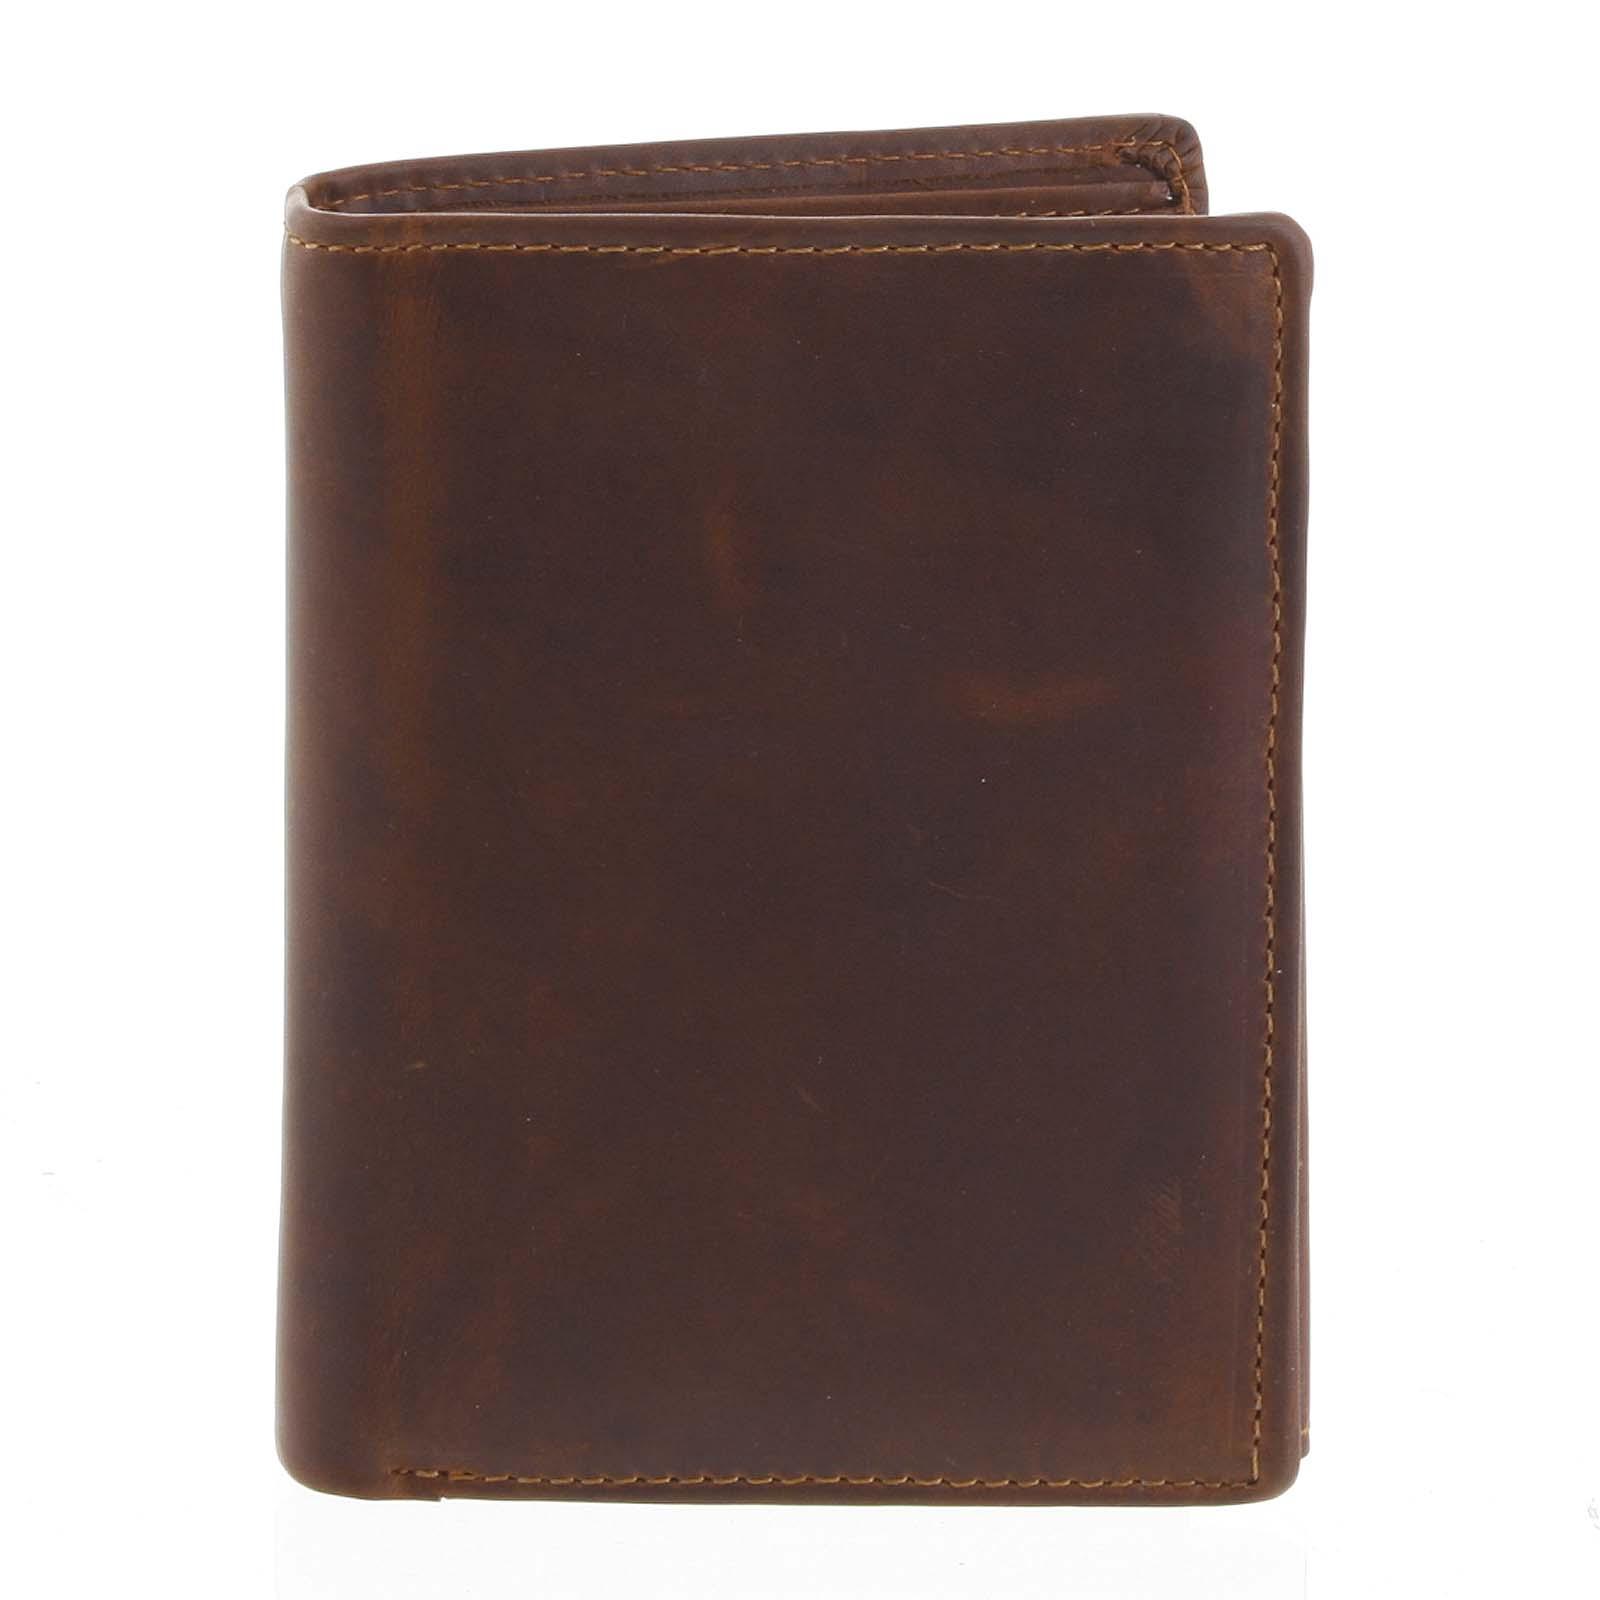 Pánská kožená peněženka hnědá - Tomas Lelezi hnědá